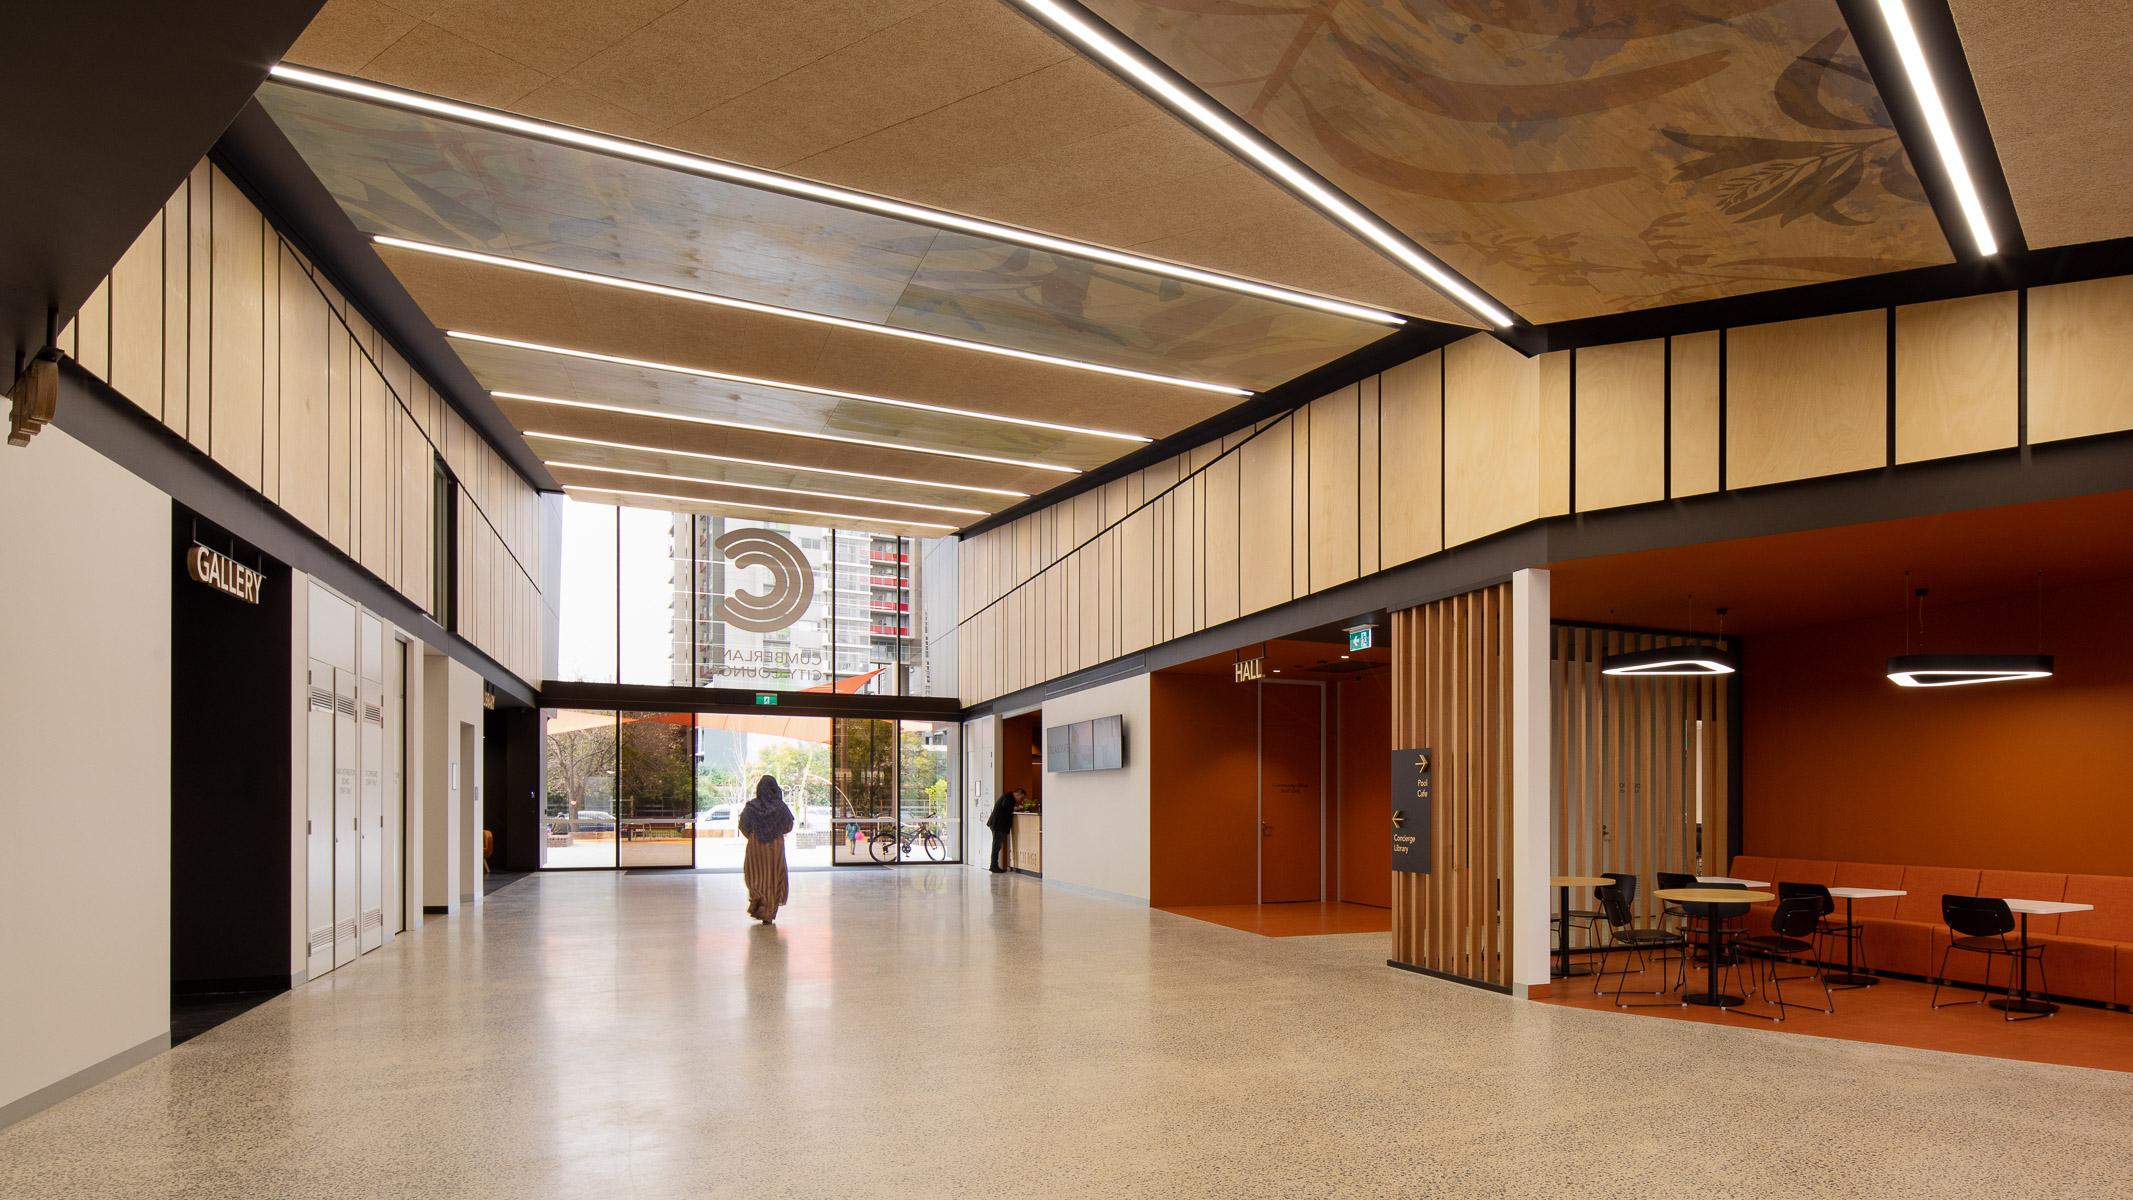 Granville Multipurpose Centre